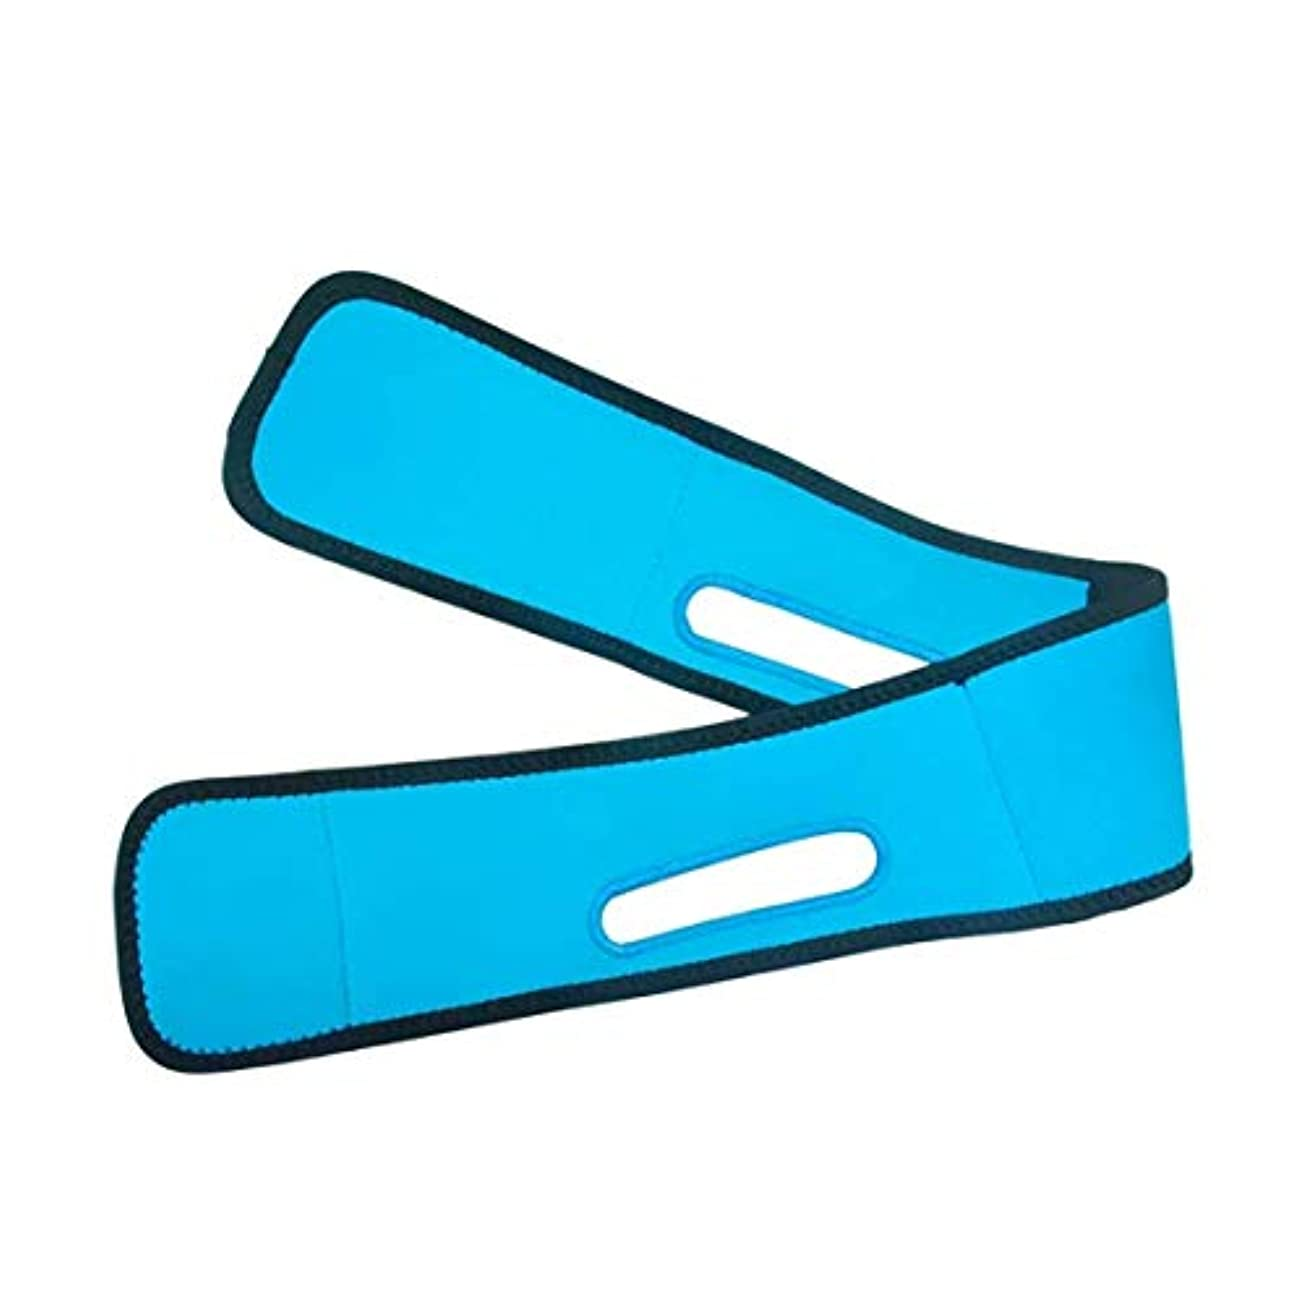 について仕出します参照するスリミングベルト、フェイスマスクVフェイスアーティファクトマッサージマスクで顎の筋肉の収縮を強化し、Vフェイスリフトのタイトな包帯を簡単に形成